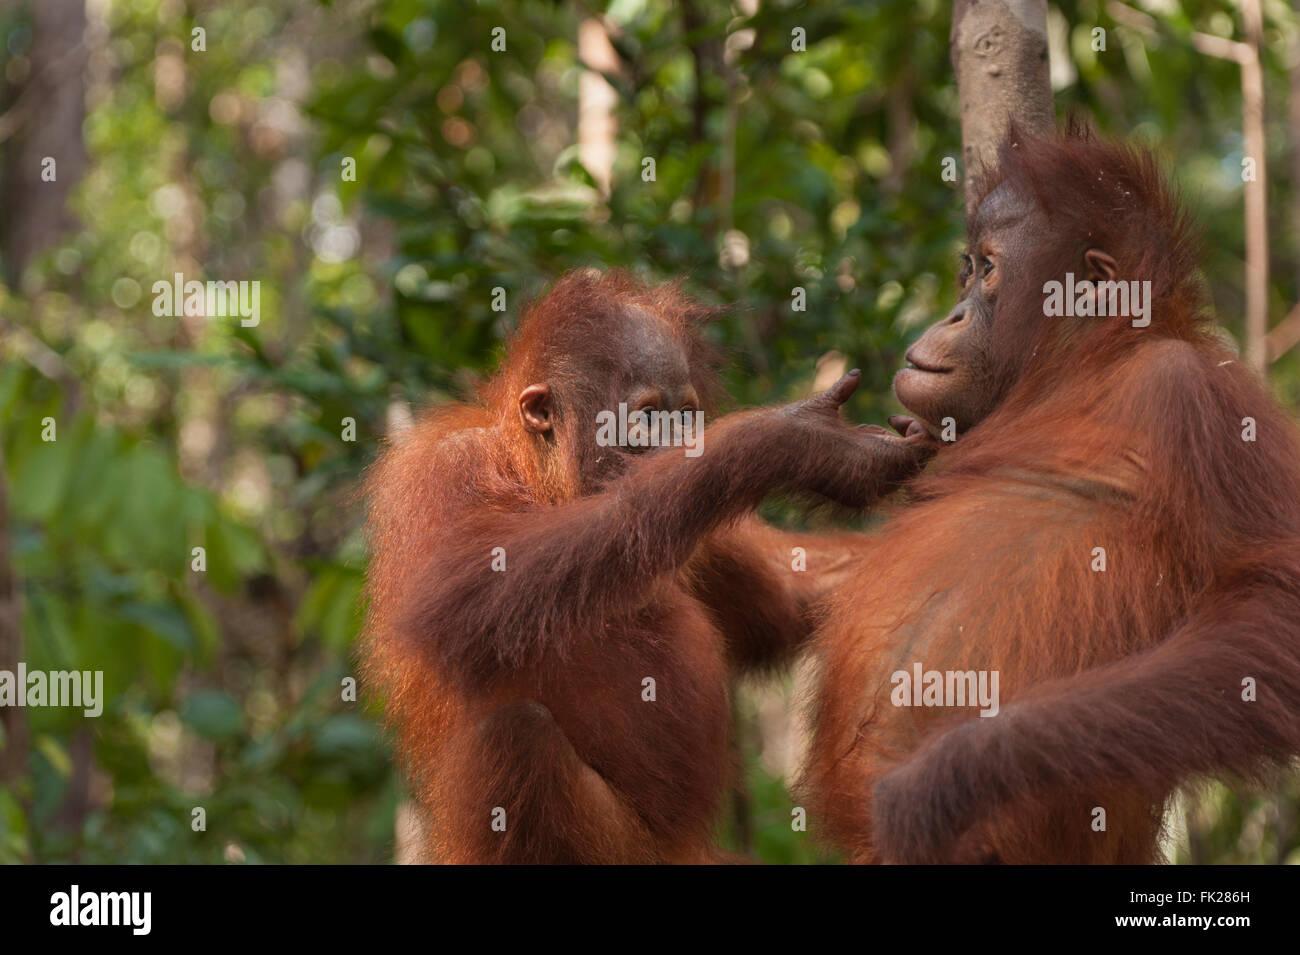 Bornean Orangutan (Pongo pygmaeus wurmbii) - juveniles - Stock Image